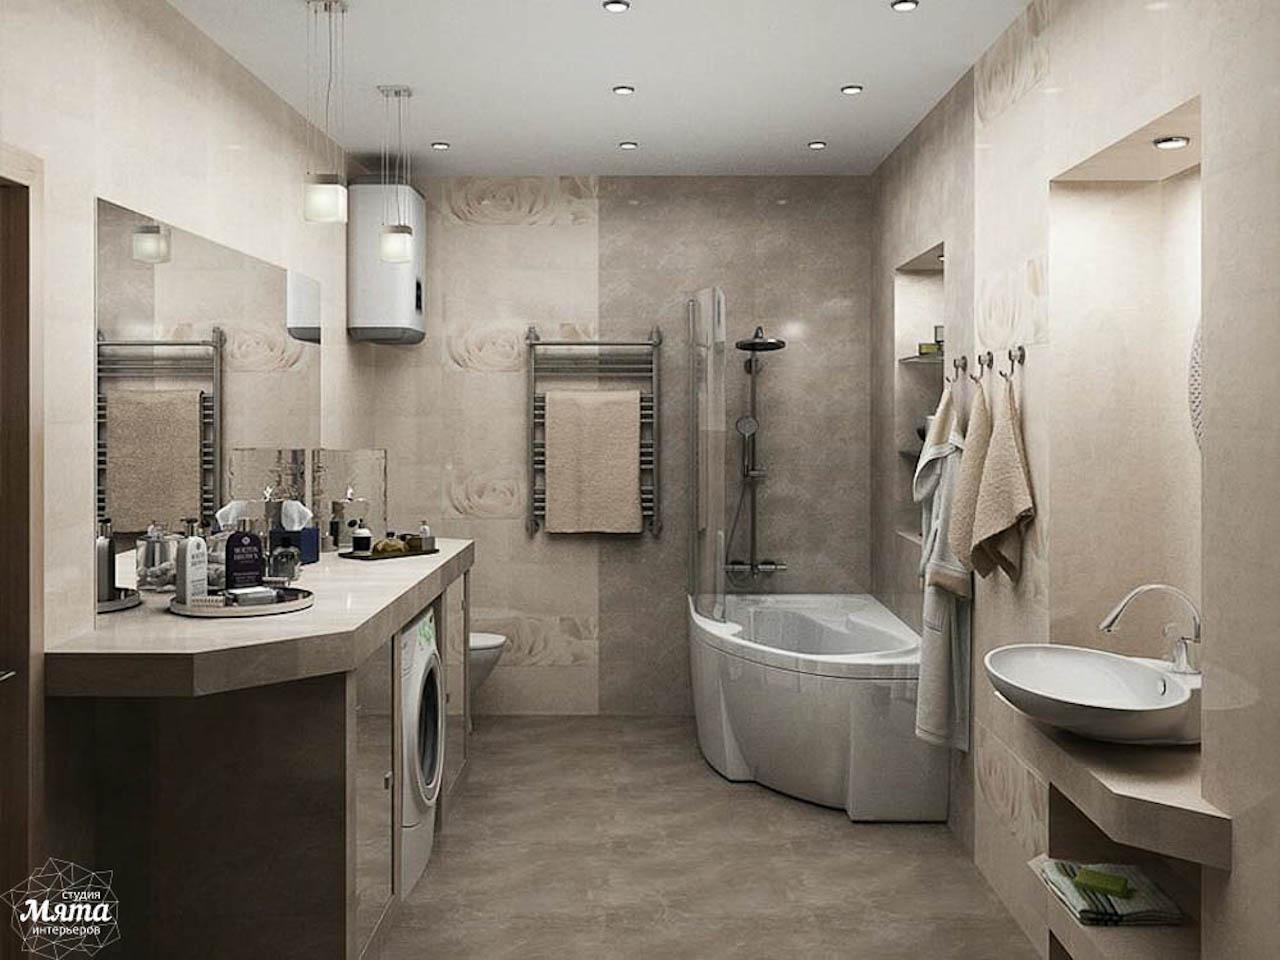 Дизайн интерьера трехкомнатной квартиры по ул. Грибоедова 26 img581818871